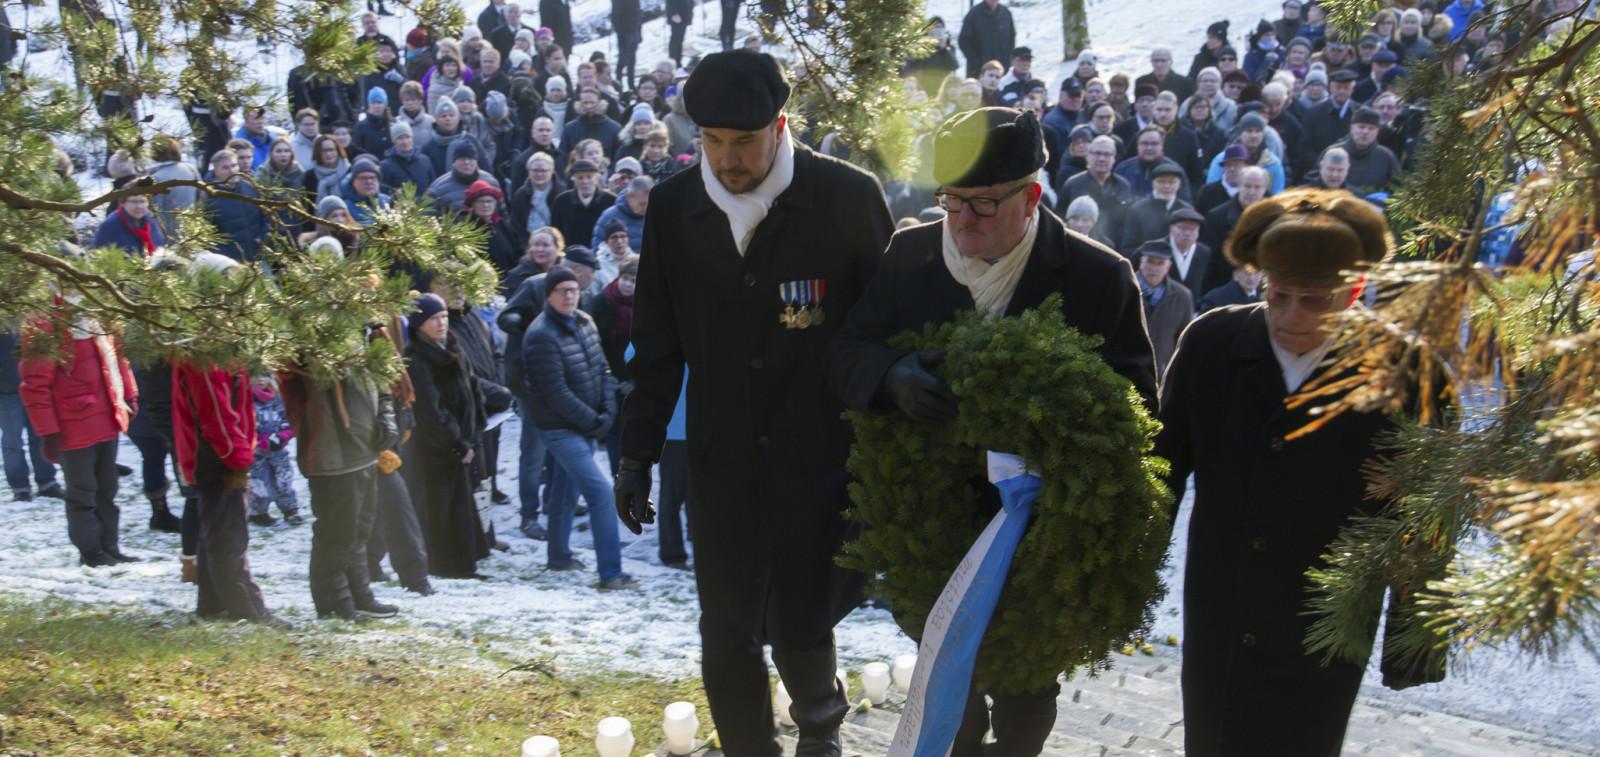 Vakavailmeiset miehet kantavat havuseppelettä Sakariristille suuren yleisön seuraamana